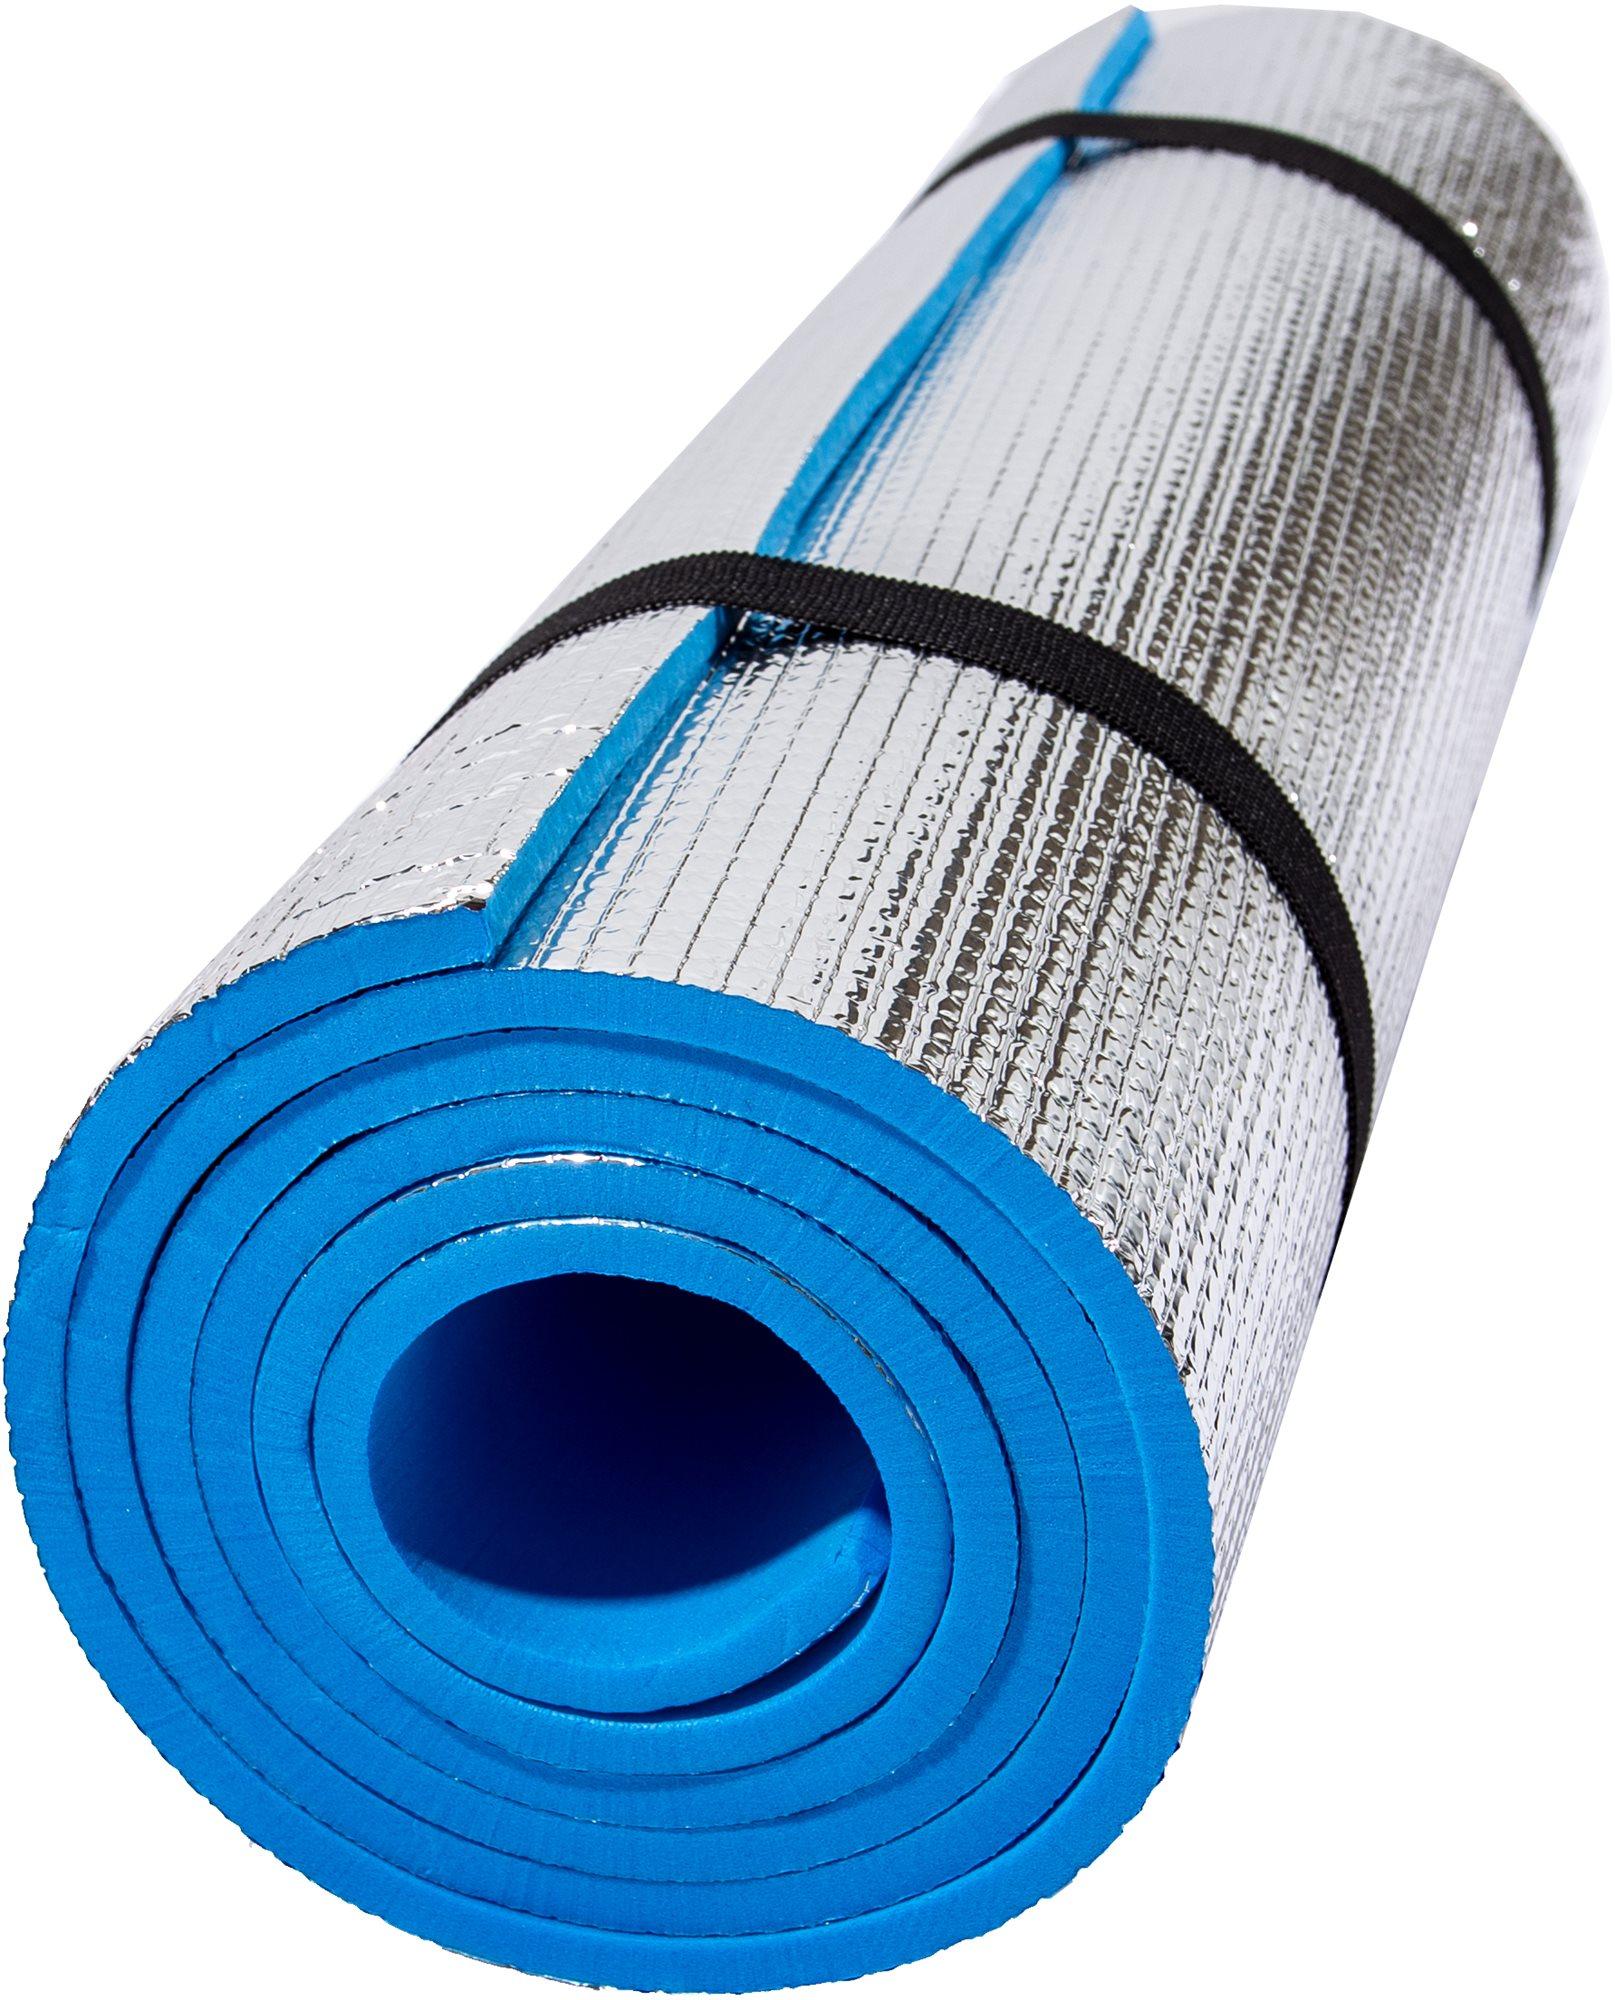 nhs fogyni remekül érzi magát a taekwondo segít a fogyásban